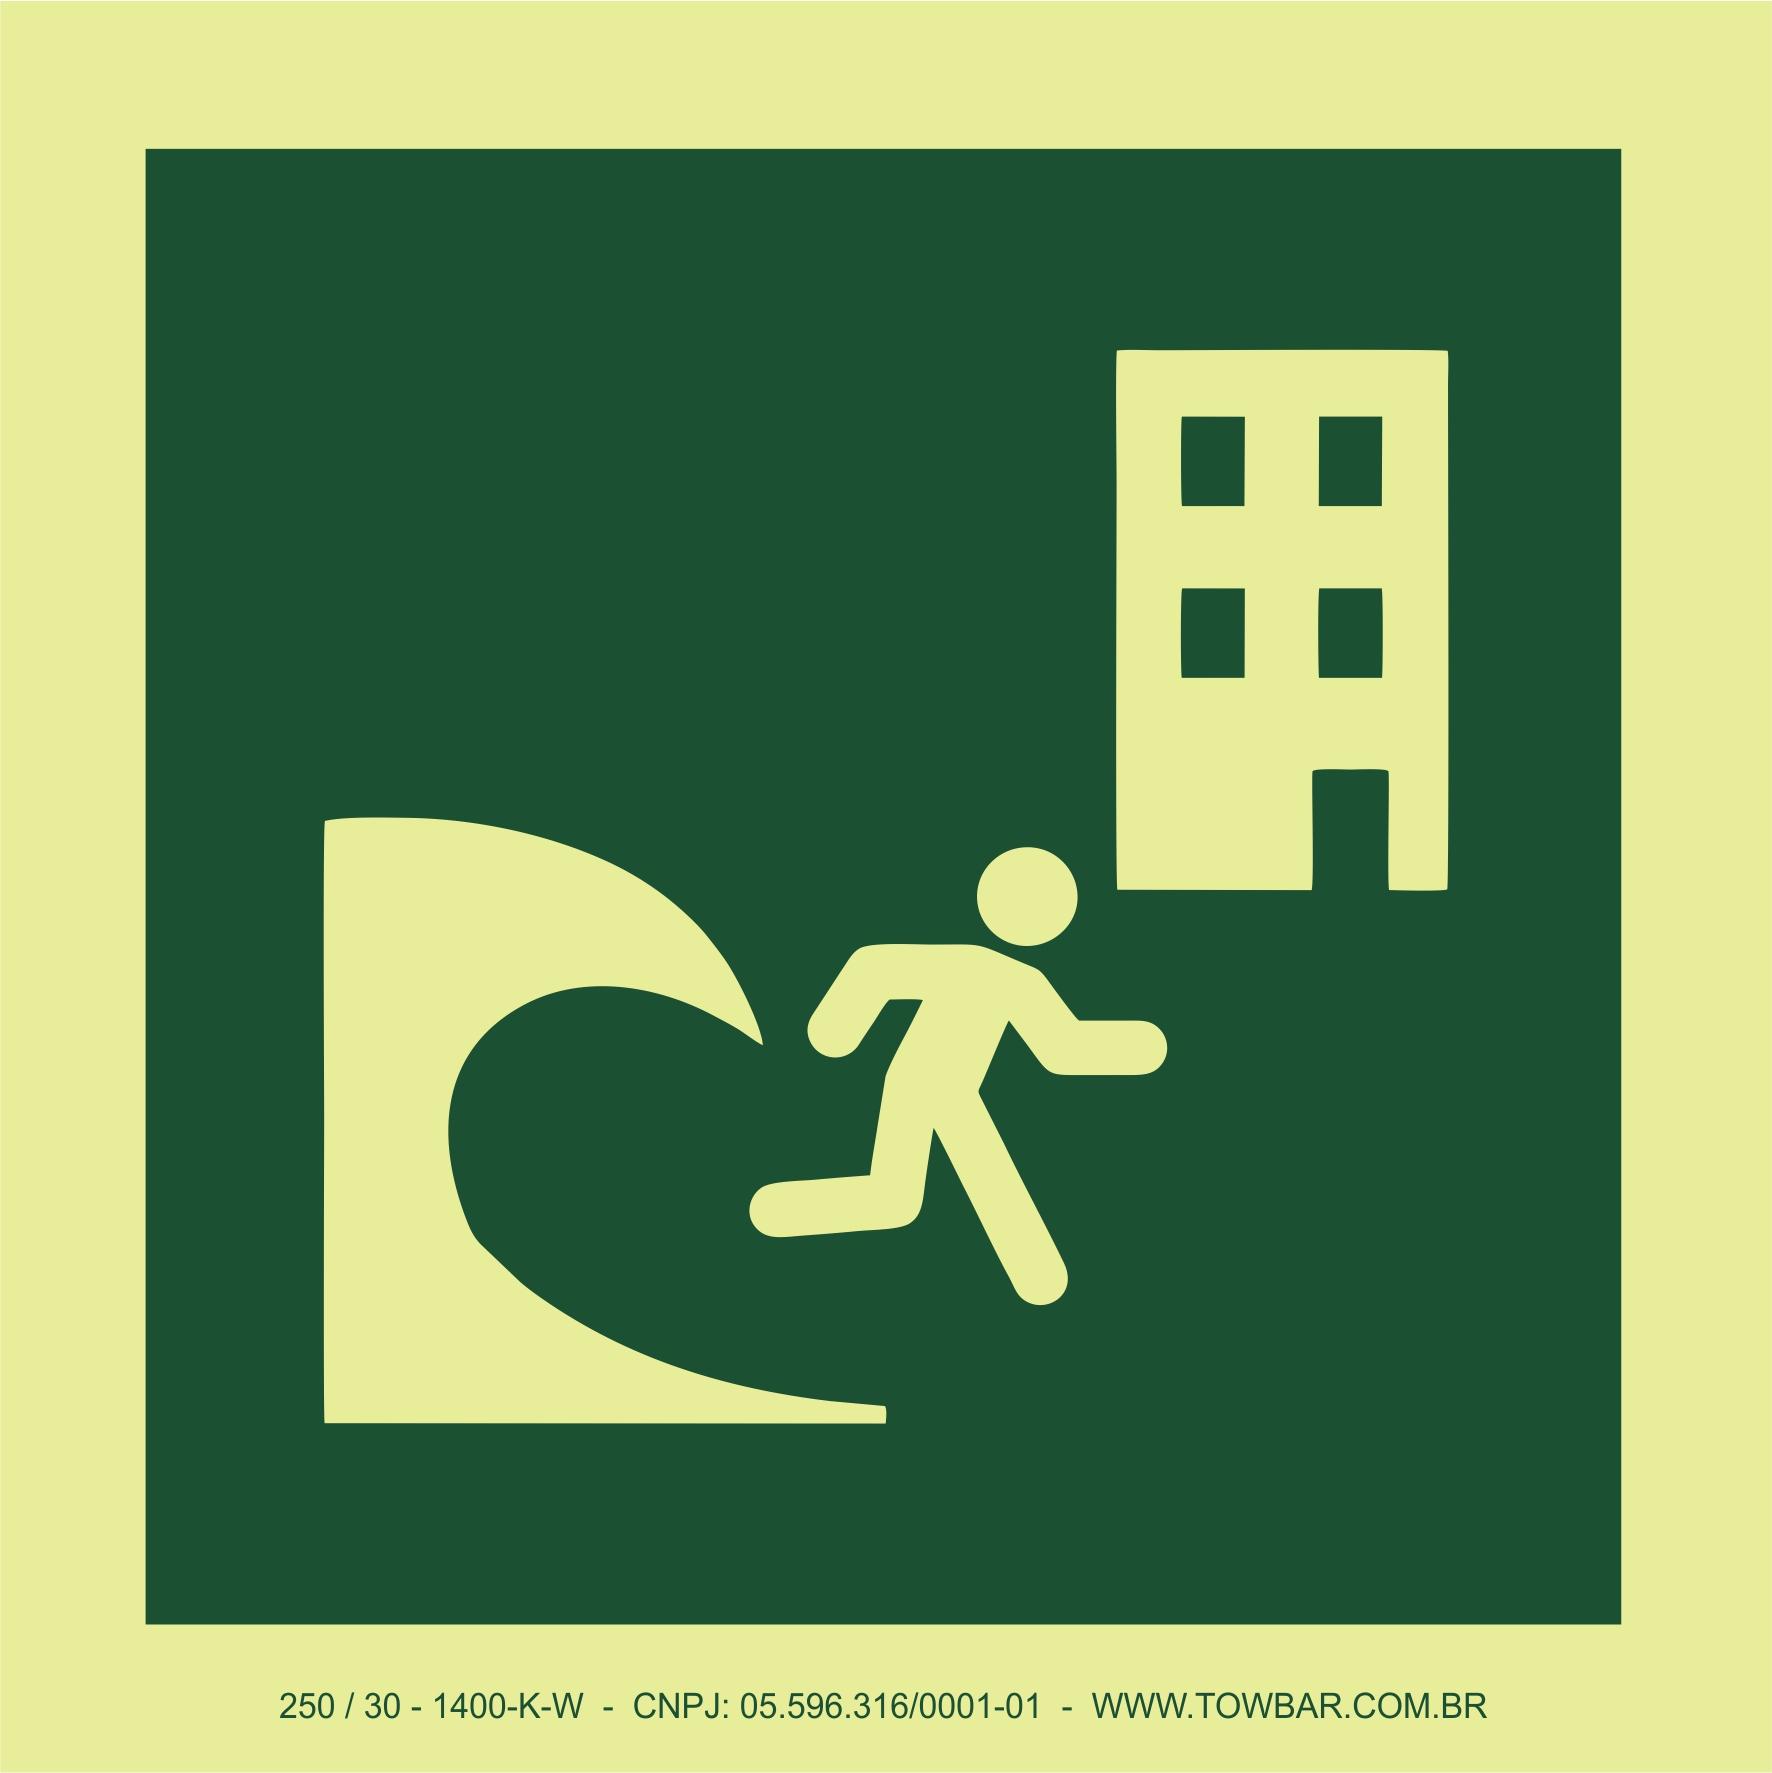 Prédio de evacuação por tsunami (Tsunami evacuation building)  - Towbar Sinalização de Segurança